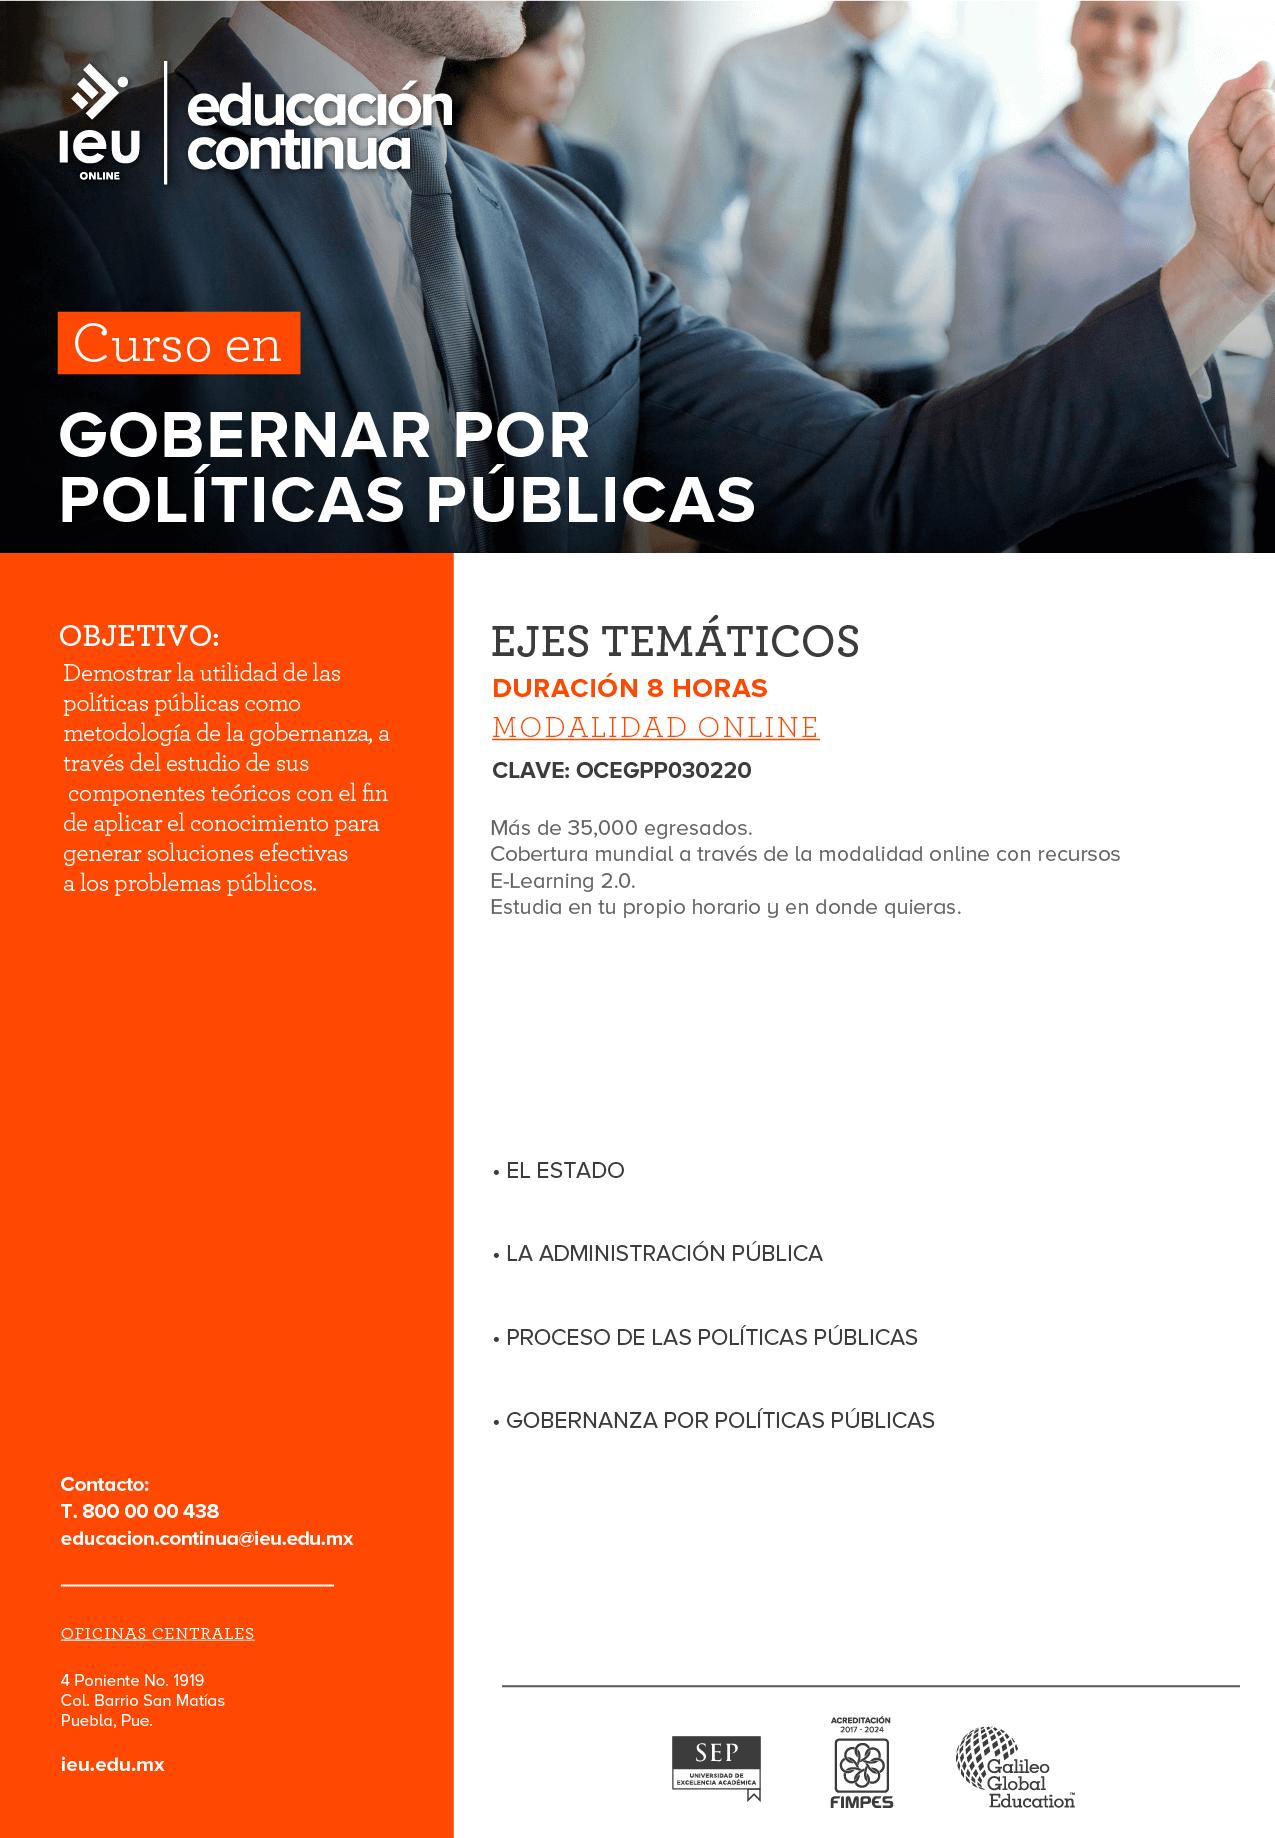 Gobernar por políticas públicas